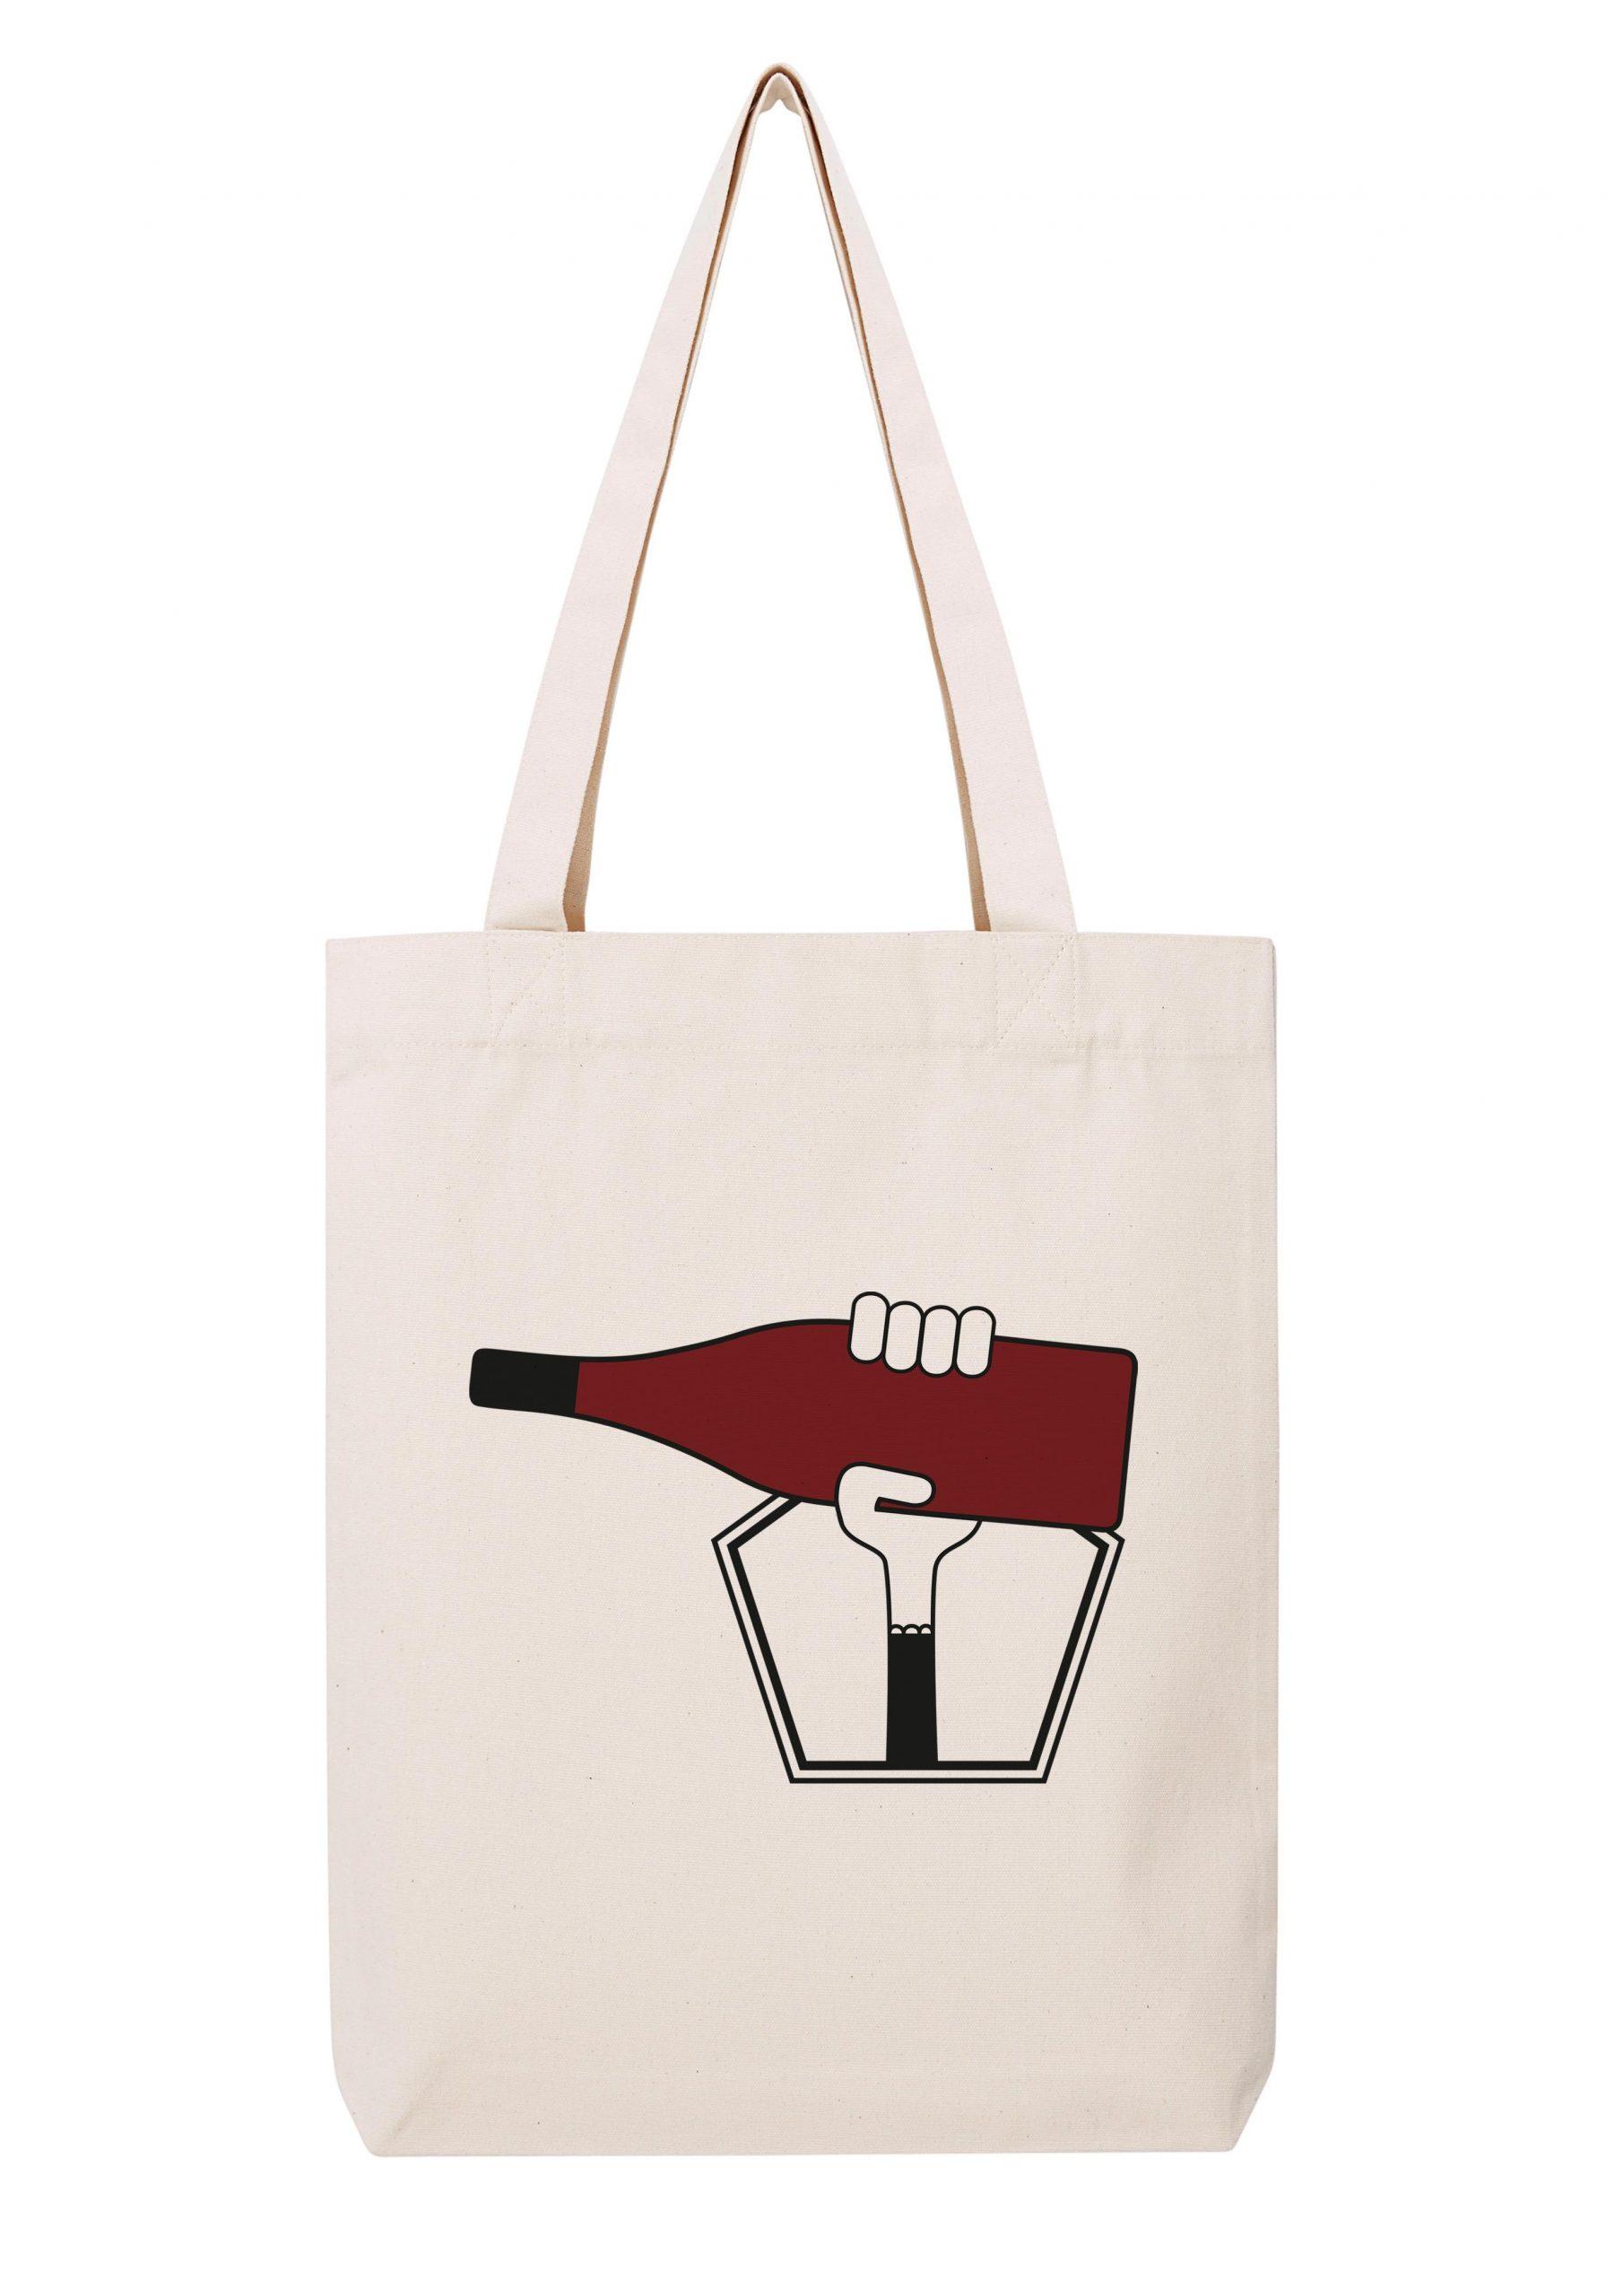 bourgogne femme sac coton tote bag bio bocavi du vin dans ta penderie bouteilles viticole vigneron wine